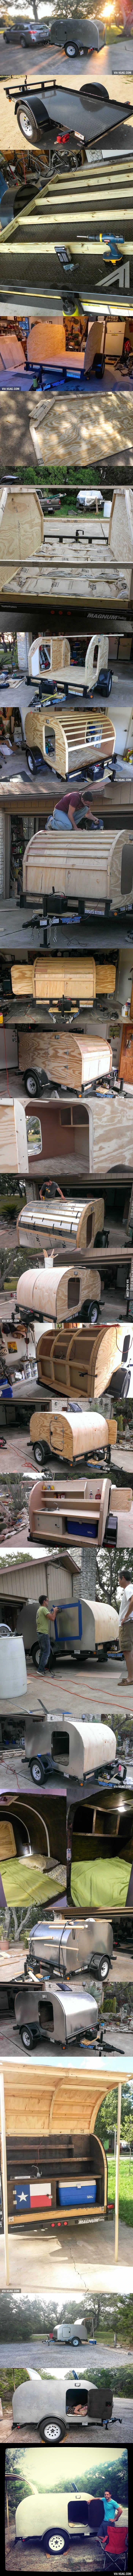 My own camper 4x4